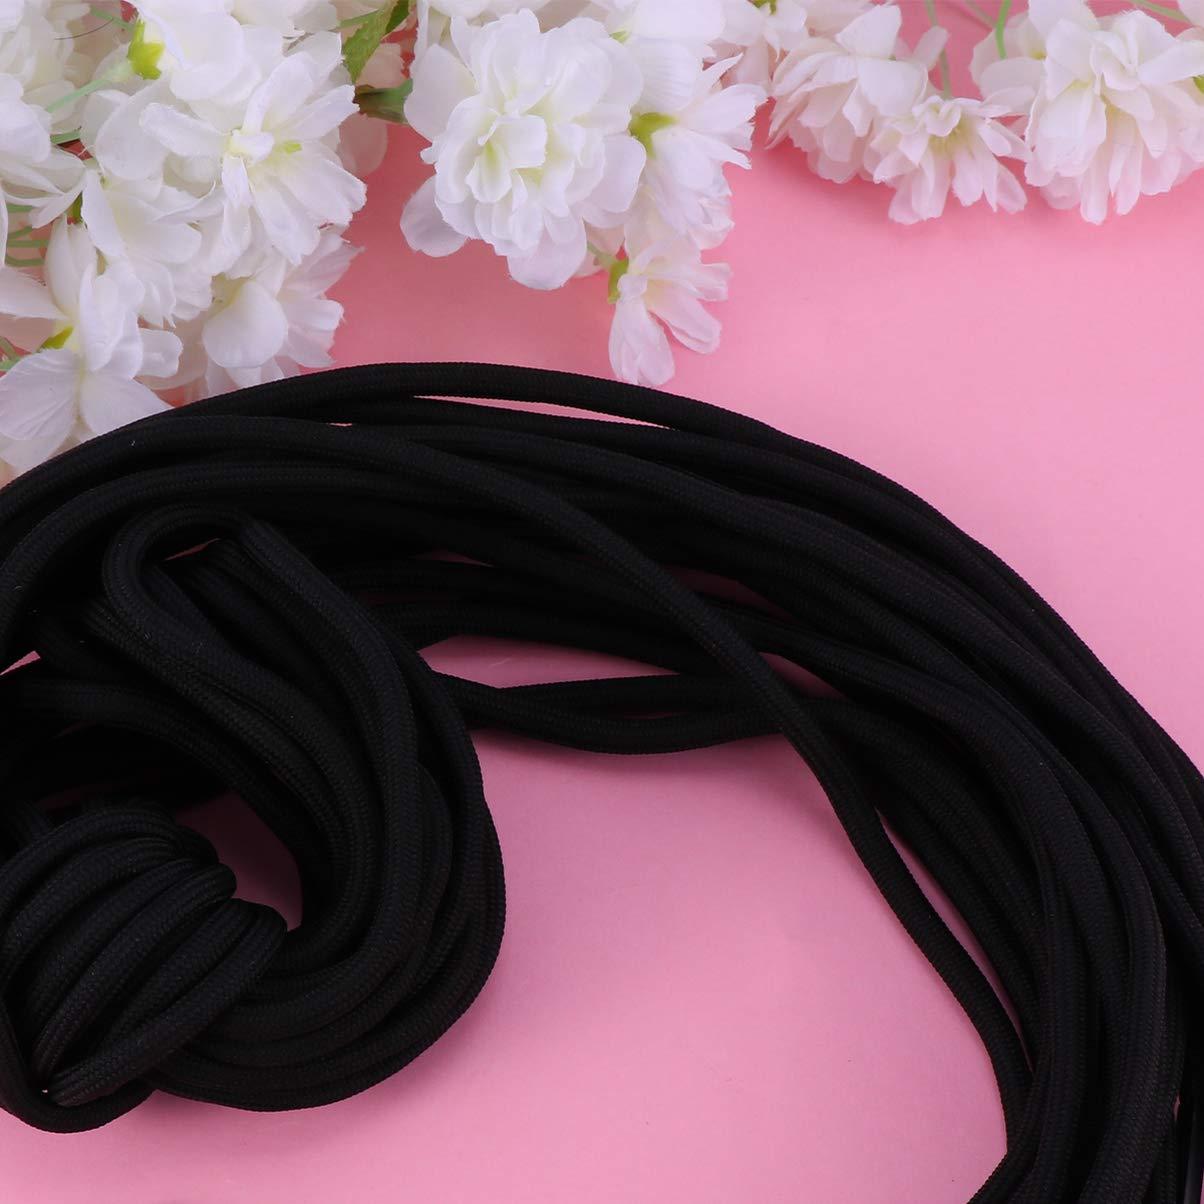 SUPVOX Cordones de cord/ón de repuesto de 10 piezas cordones negros cord/ón universal para pantalones de ch/ándal pantalones cortos chaquetas abrigos